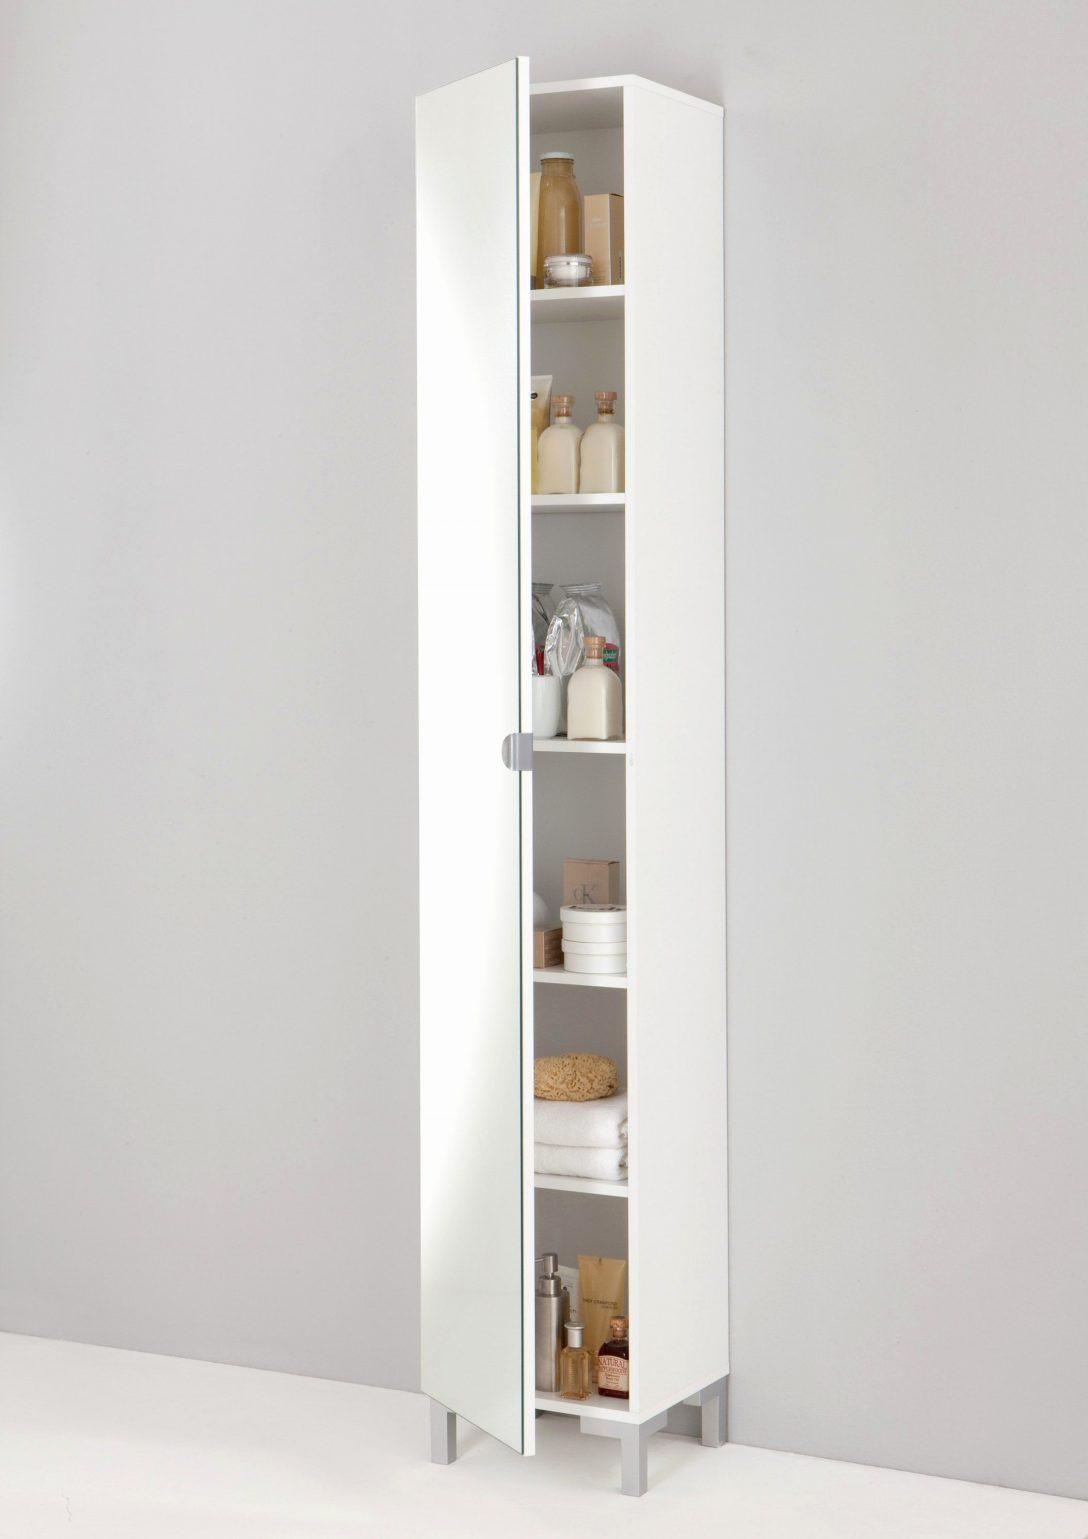 Full Size of Apothekerschrank Weiß Hochglanz Ikea Kche 20cm Breit Luxus 40 Cm Niederdruck Küche Einbauküche Weiss Betten 160x200 Kosten Regale Runder Esstisch Ausziehbar Wohnzimmer Apothekerschrank Weiß Hochglanz Ikea